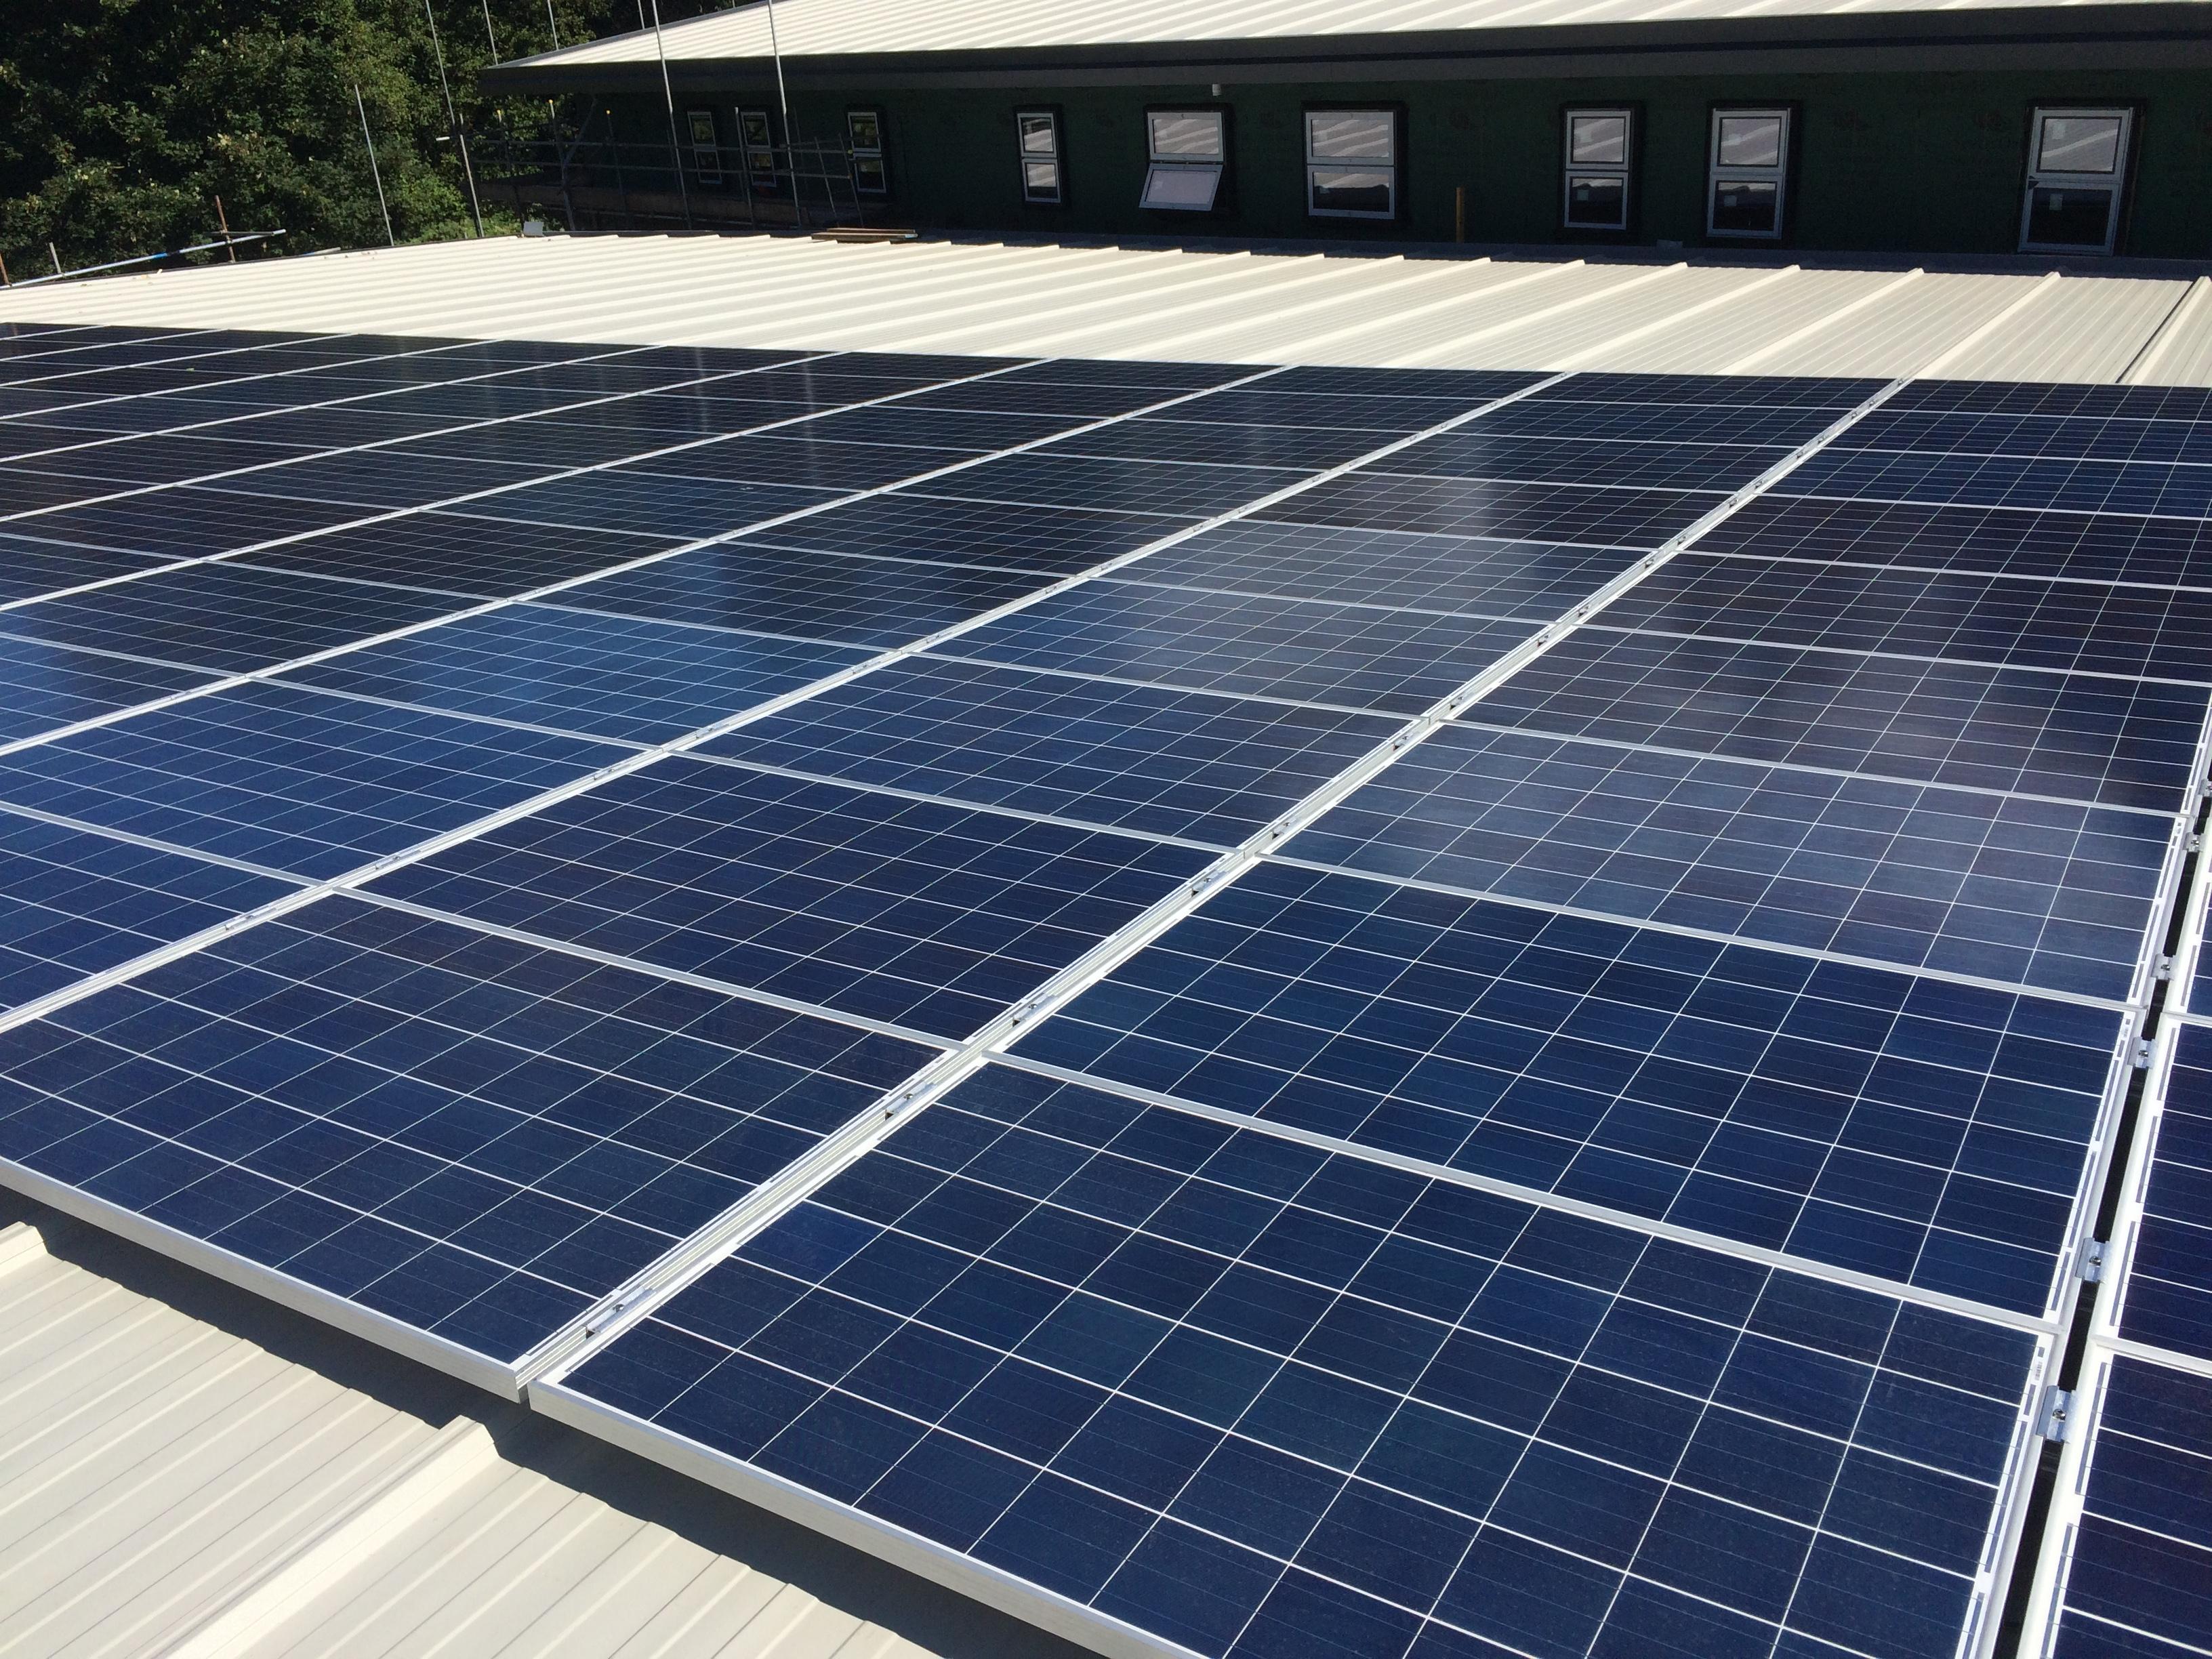 Brynhyfryd Medical Centre 1 Vision Solar Pv Solar